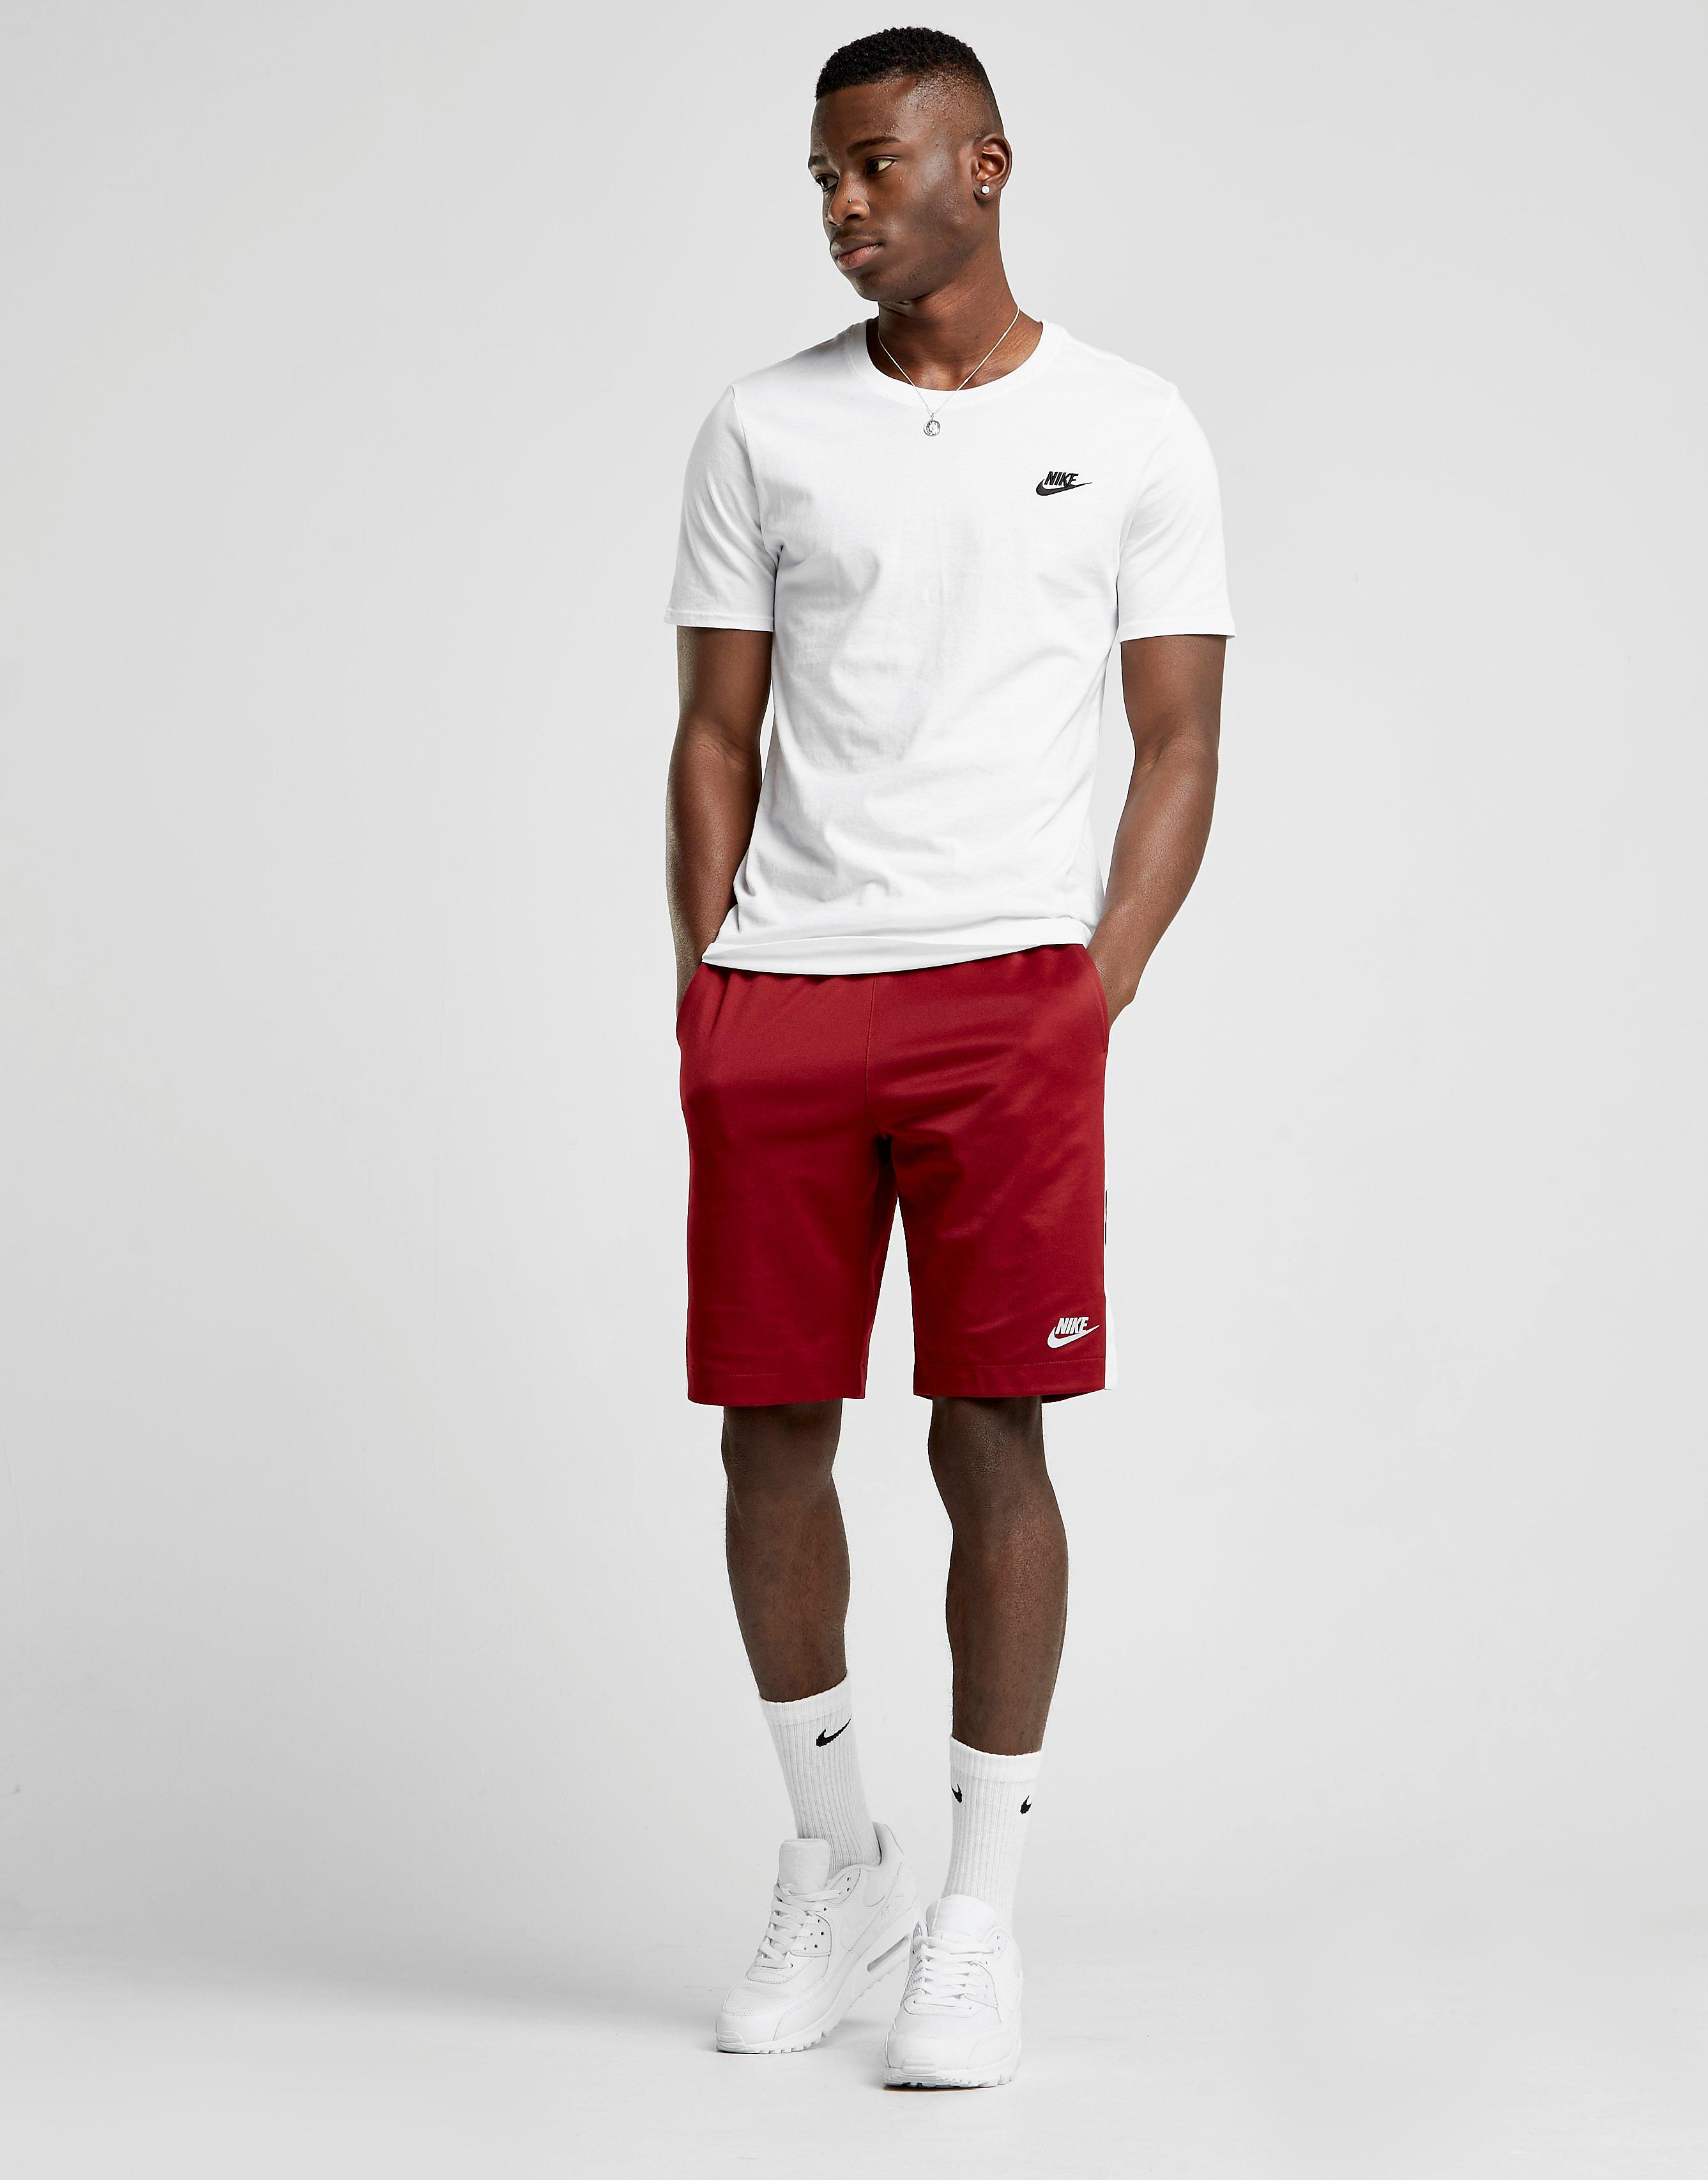 Nike Tribute Shorts